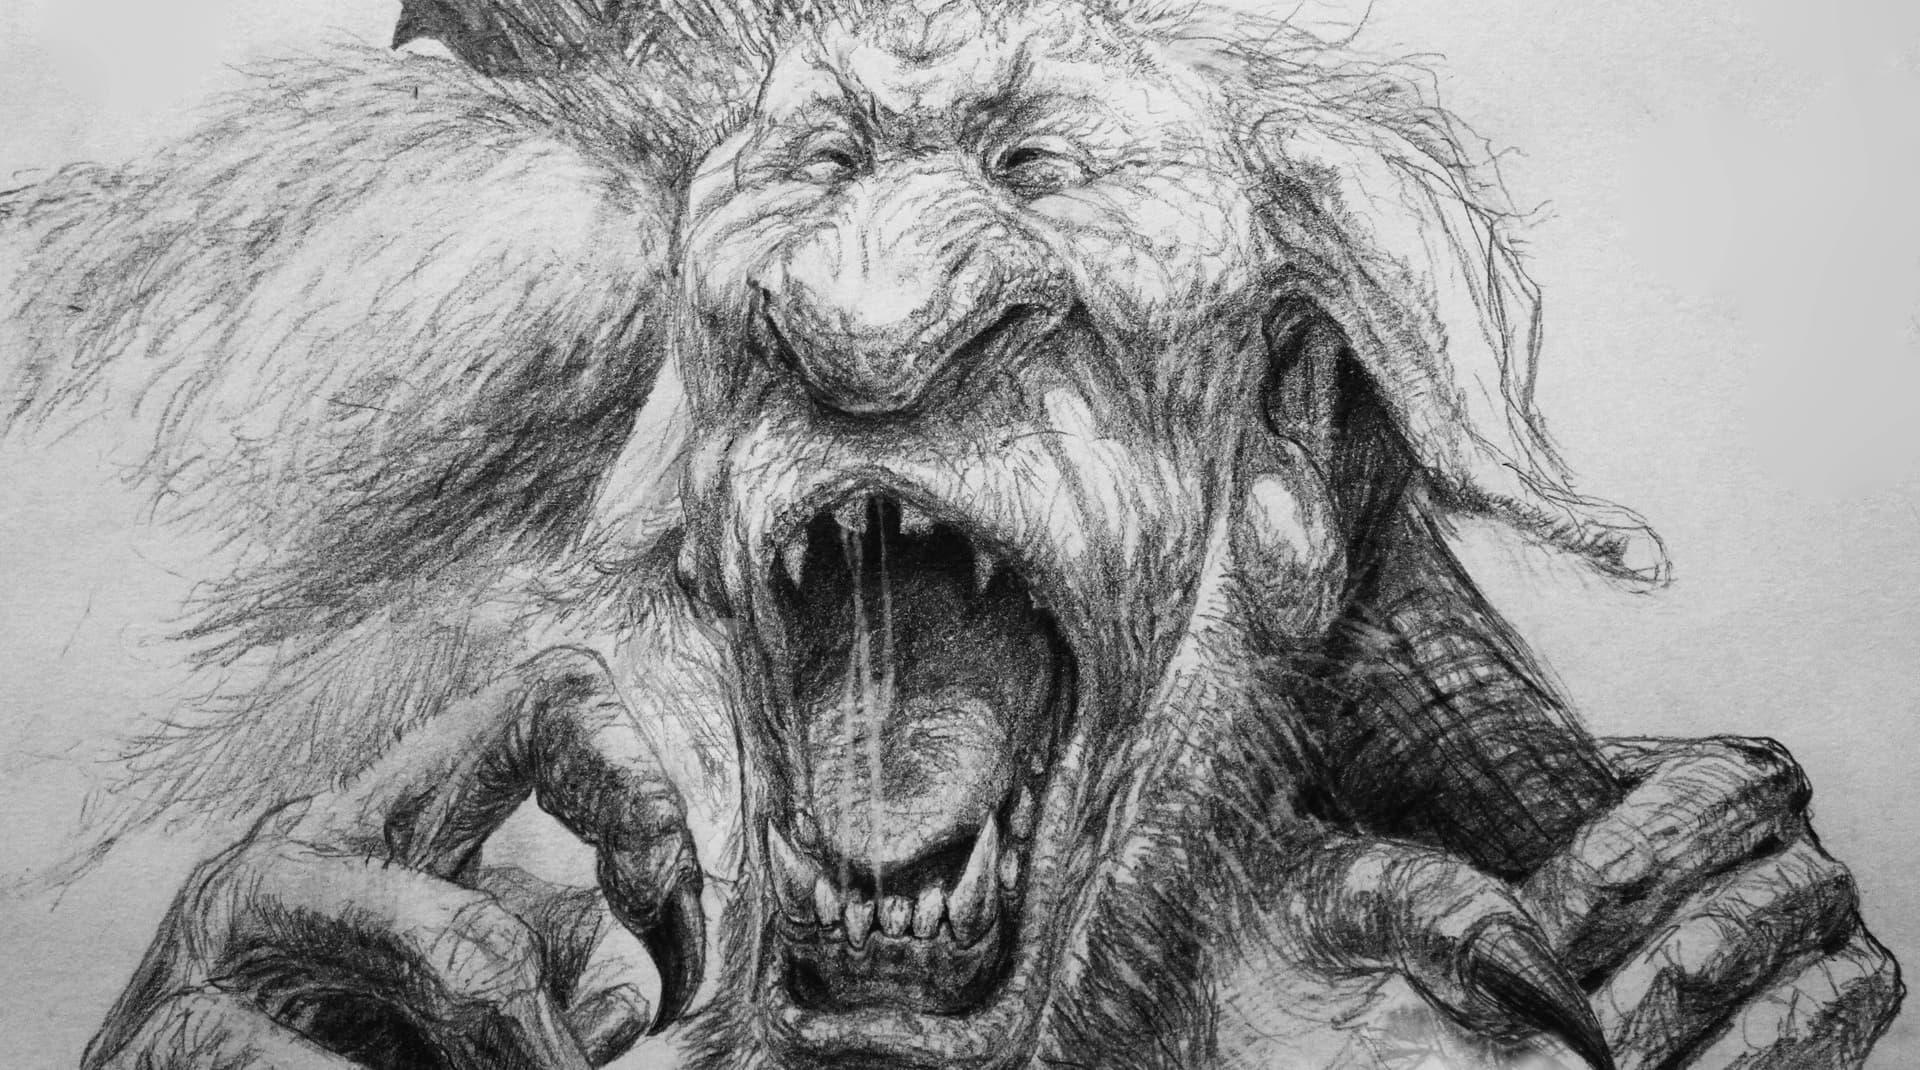 Бедные психопаты, манипуляторы, нарциссы: пойми «тролля» и больше его не бойся